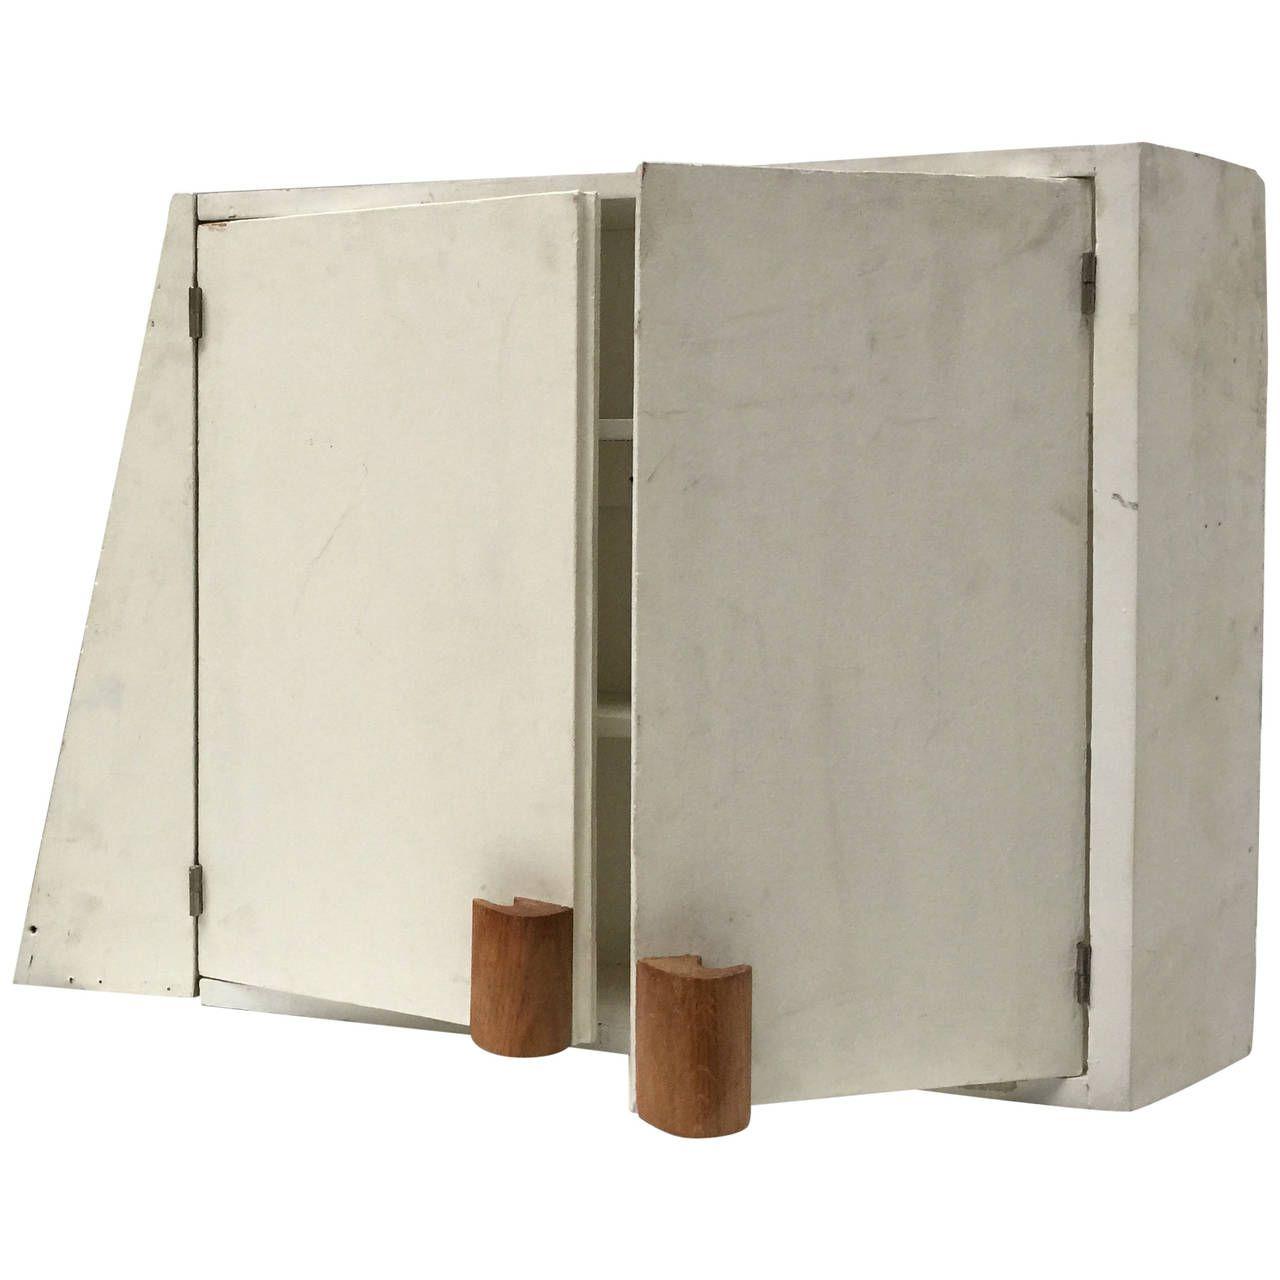 Le corbusierus u charlotte perriand kitchen cabinet unite d